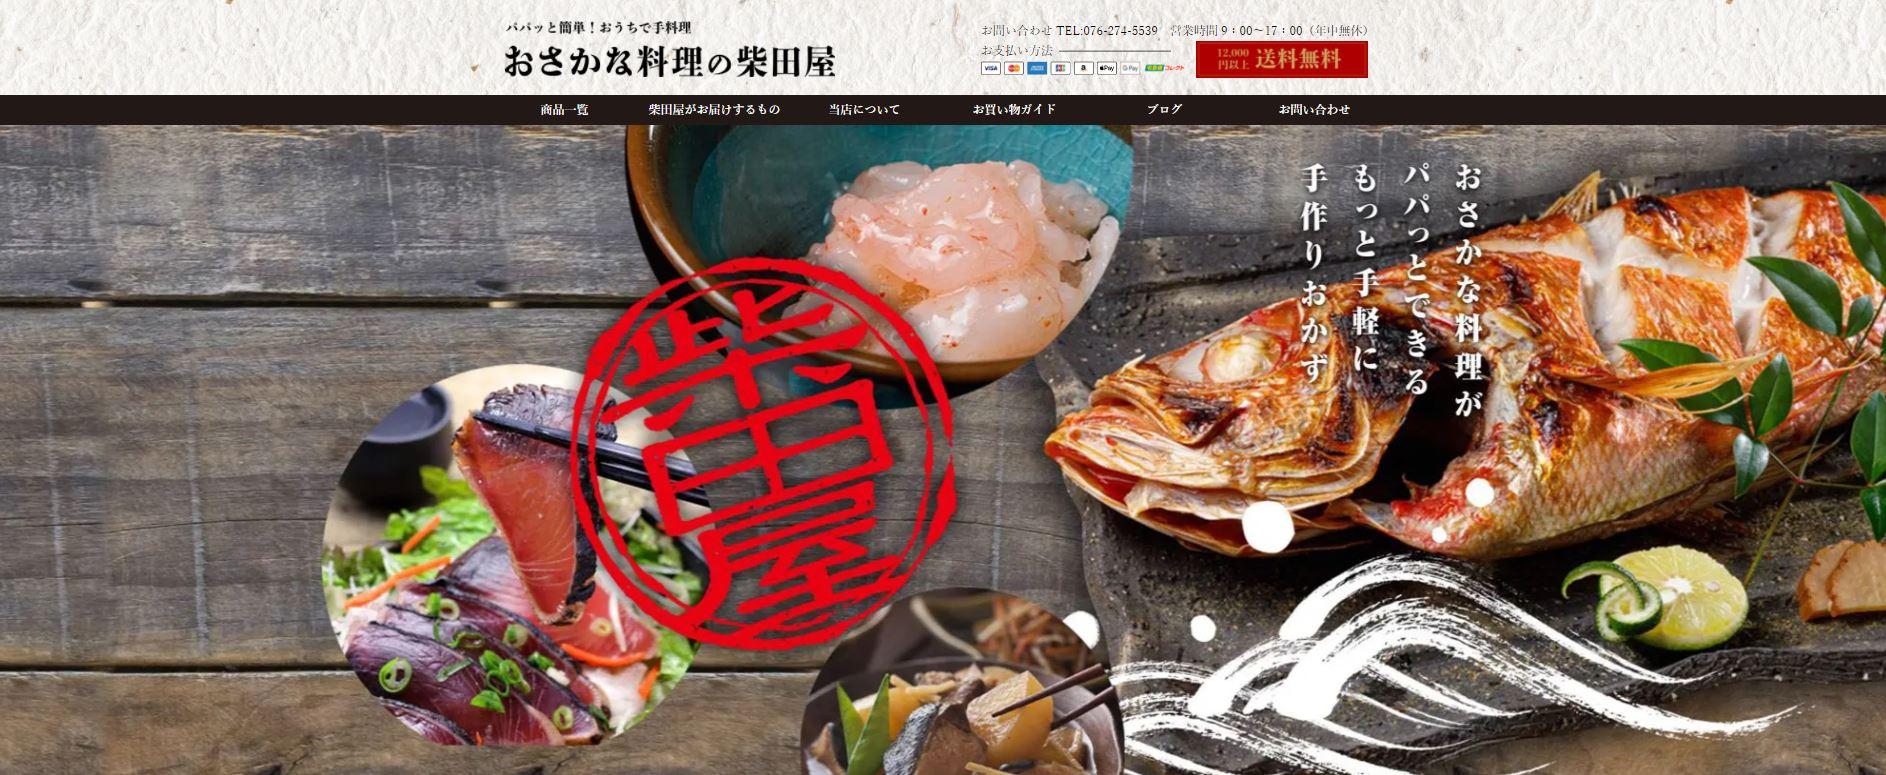 おさかな料理の柴田屋公式サイト